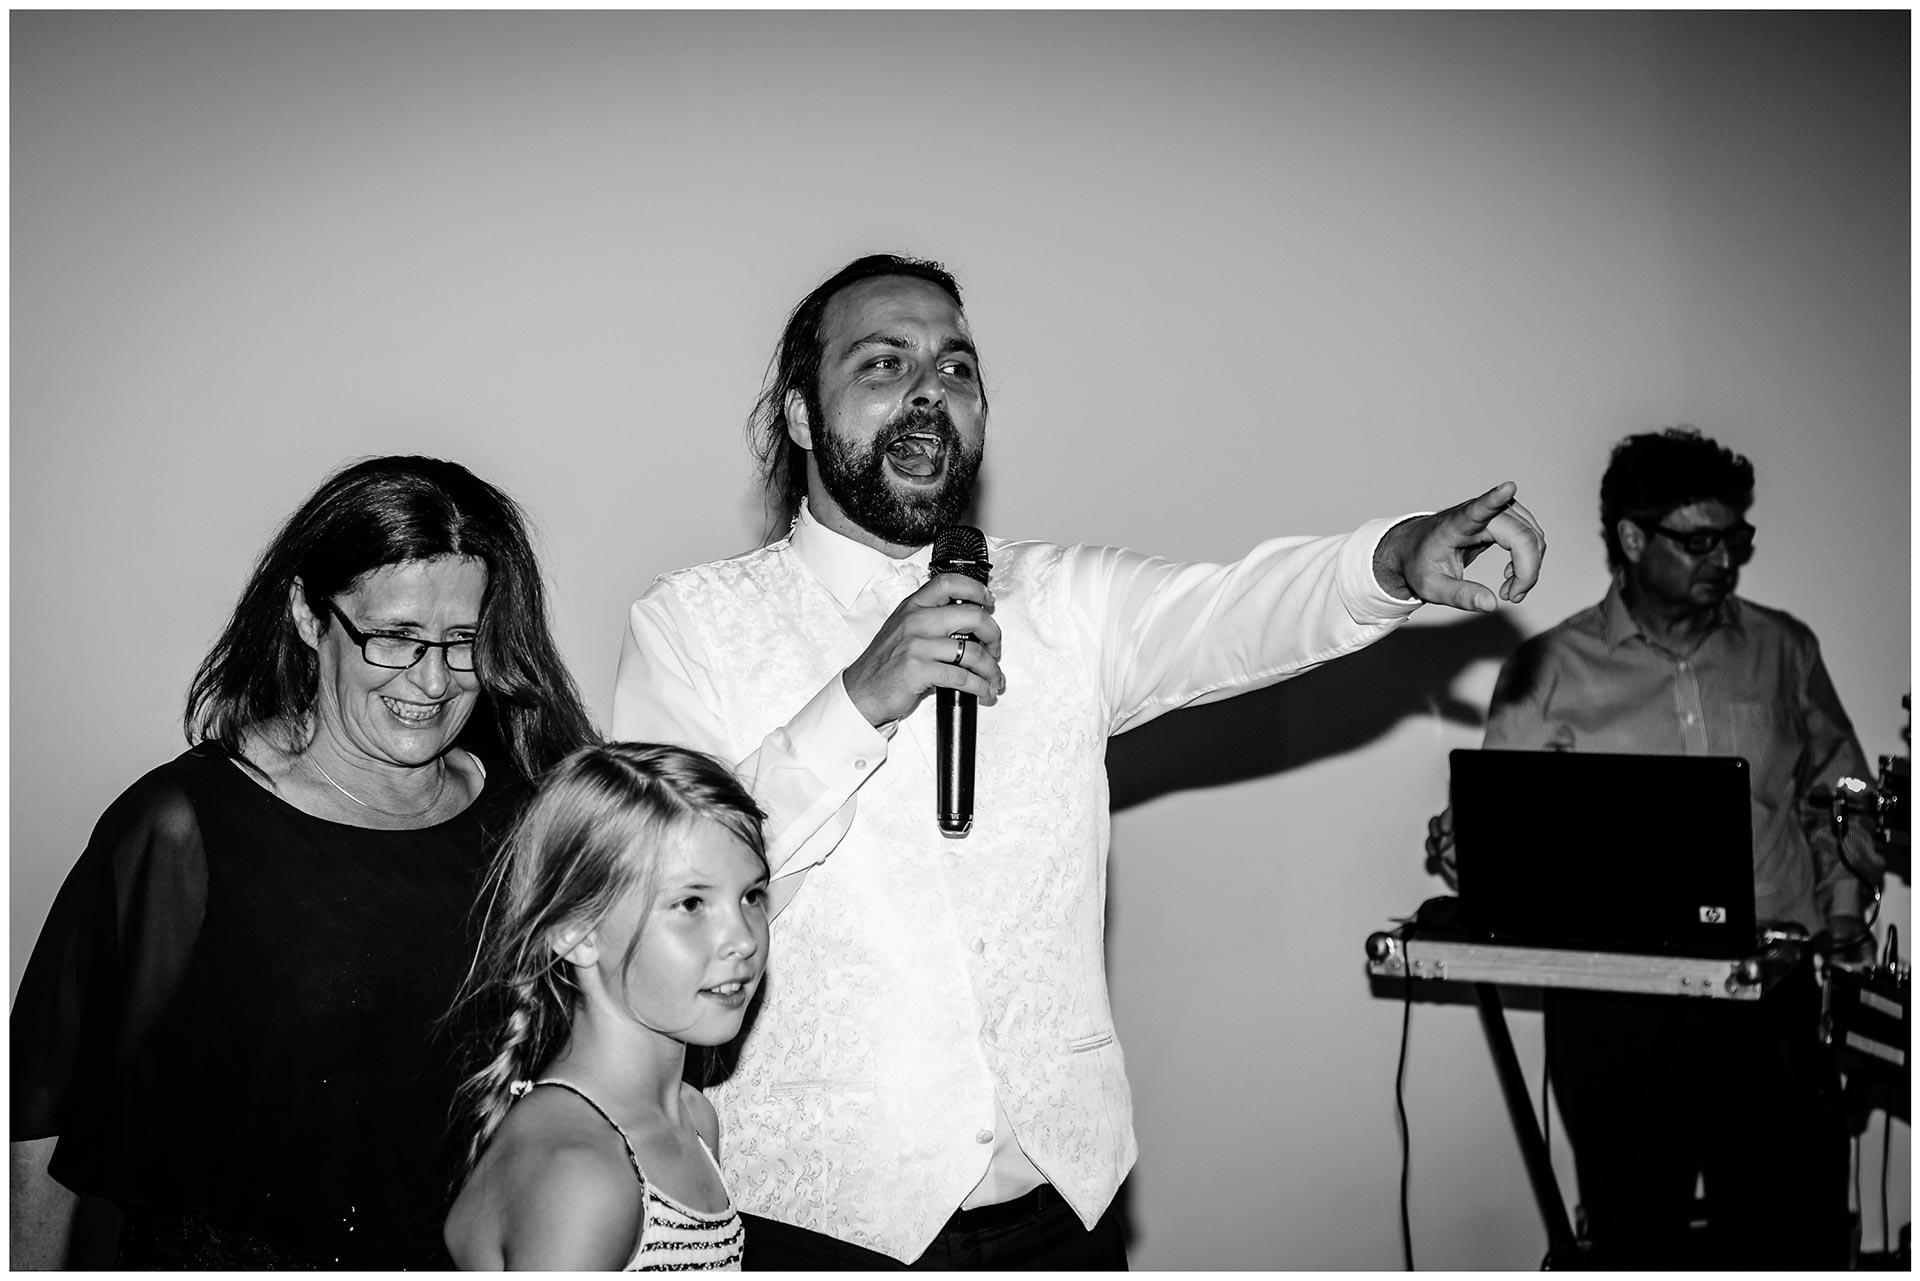 Braeutigam-mit-Mikro-in-der-Hand-Hochzeit-im-Hotel-Neptun-Hochzeitsfotograf-Warnemuende-Hochzeitsfotograf-Rostock-Hochzeitsfotograf-Ostseebad-Warnemuende